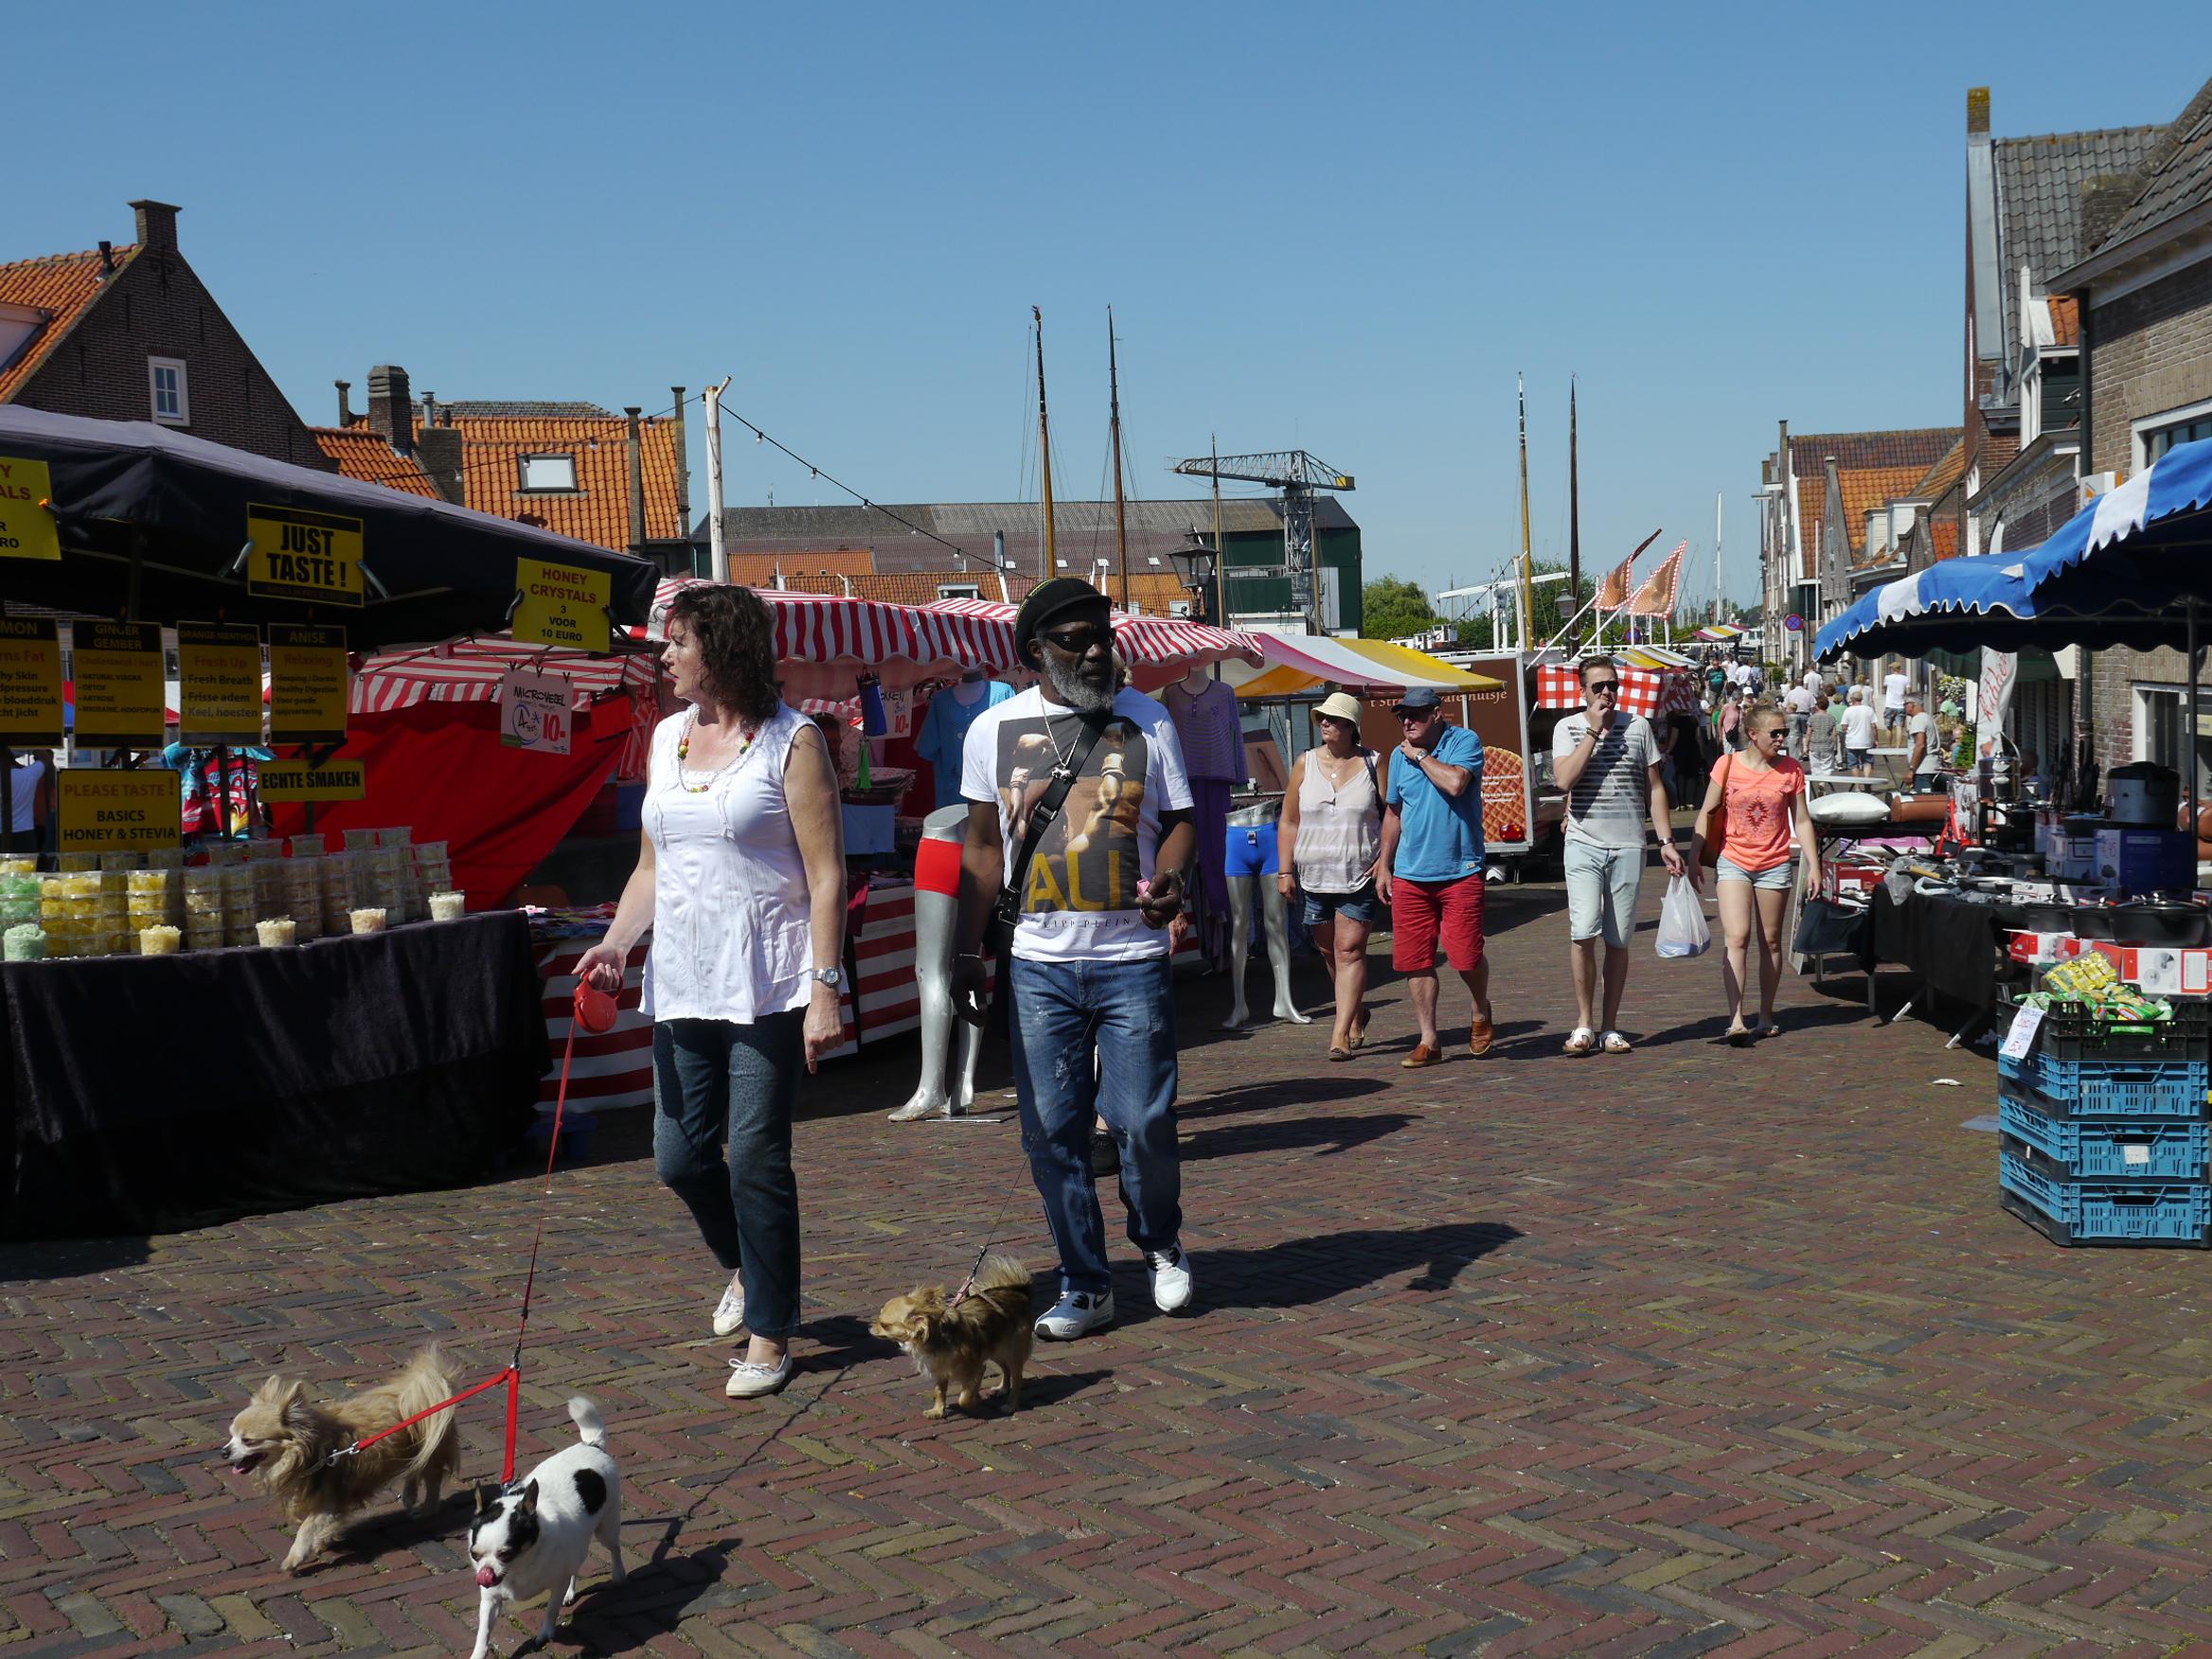 Sfeerbeeld van Midzomermarkt in Monnickendam. (Foto: Ria Houweling/Waterland in Beeld)